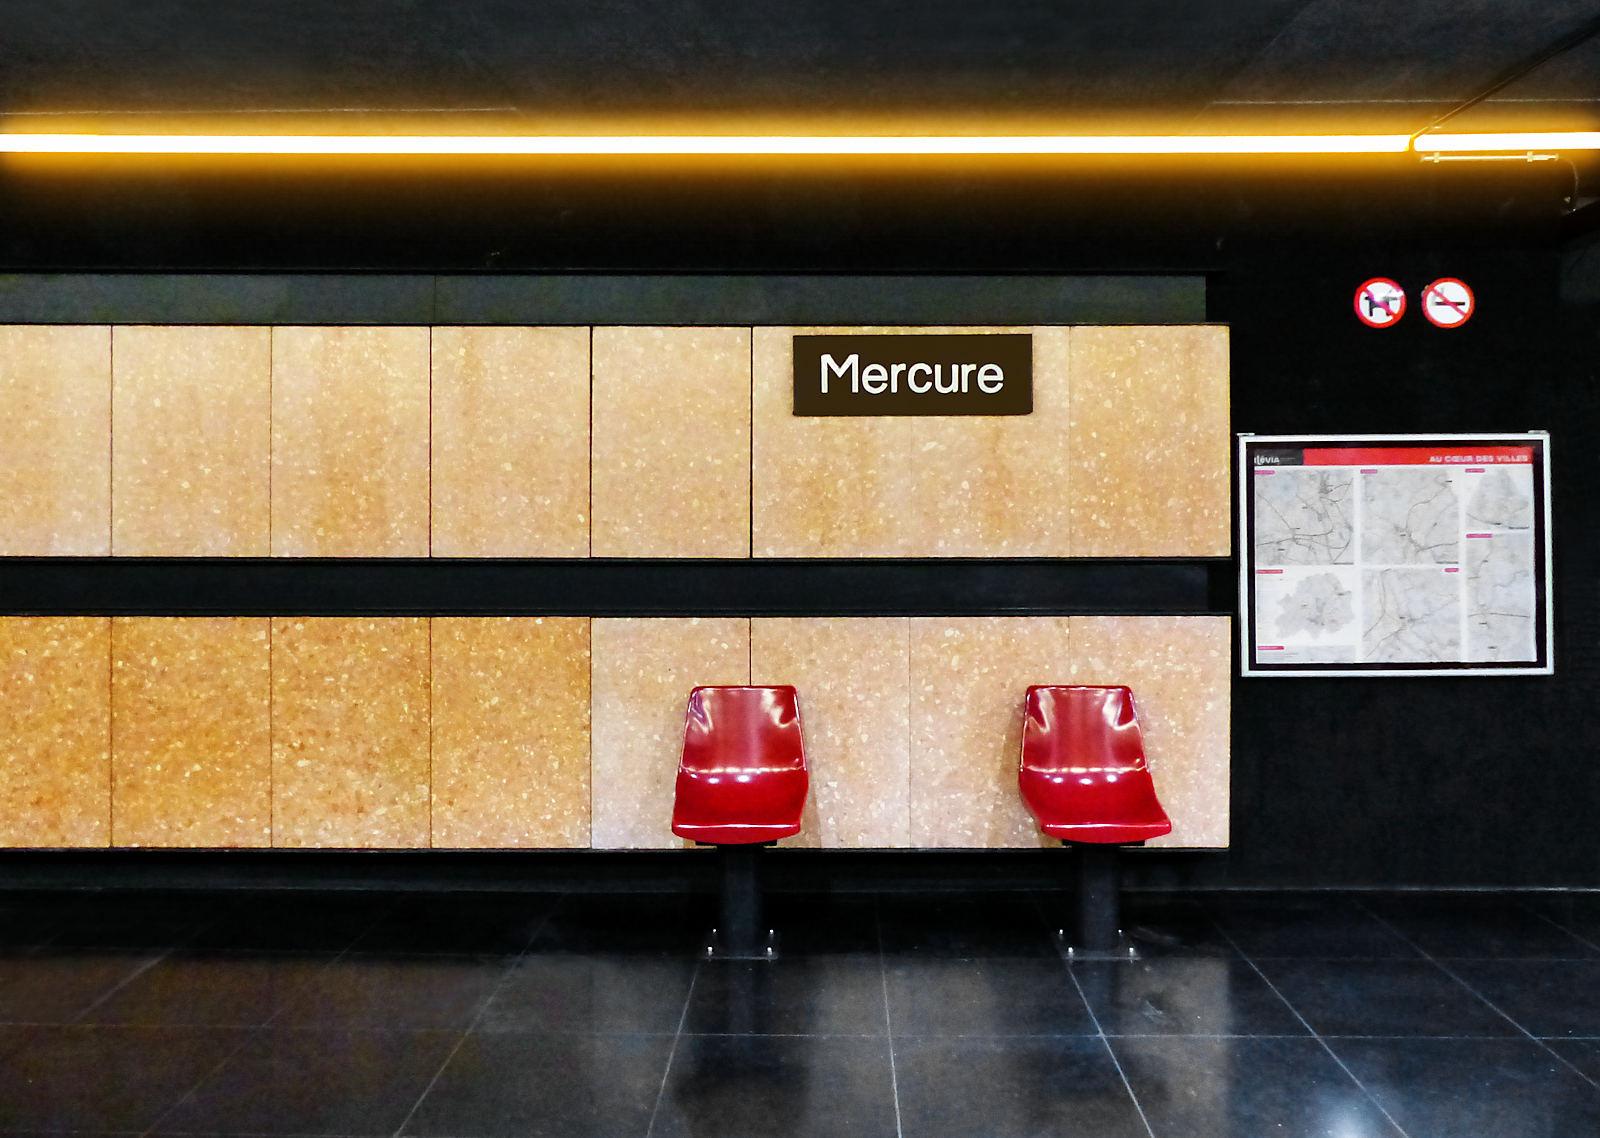 Métro Tourcoing - Quai Station Mercure